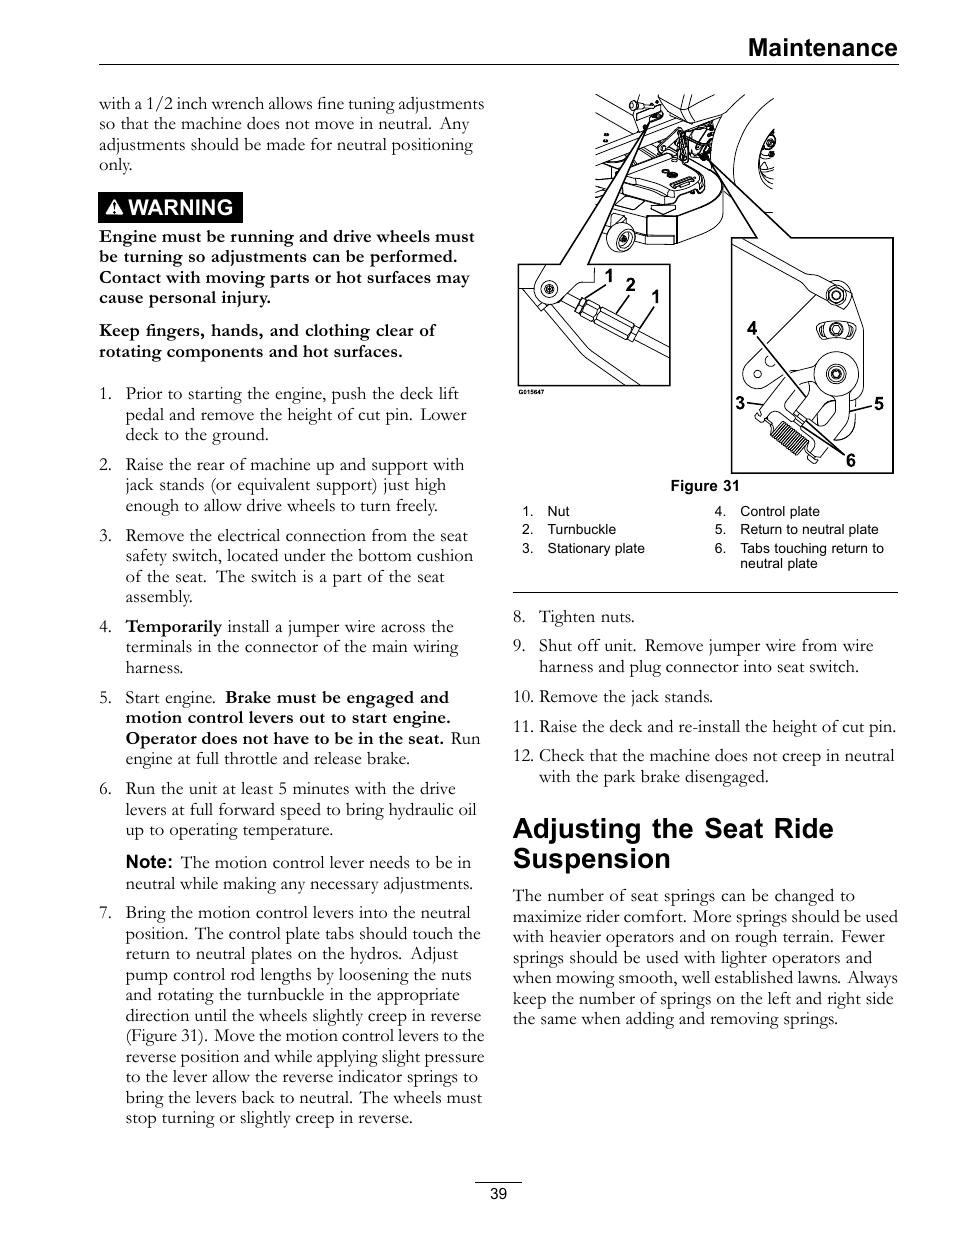 Adjusting the seat ride suspension, Maintenance, Warning